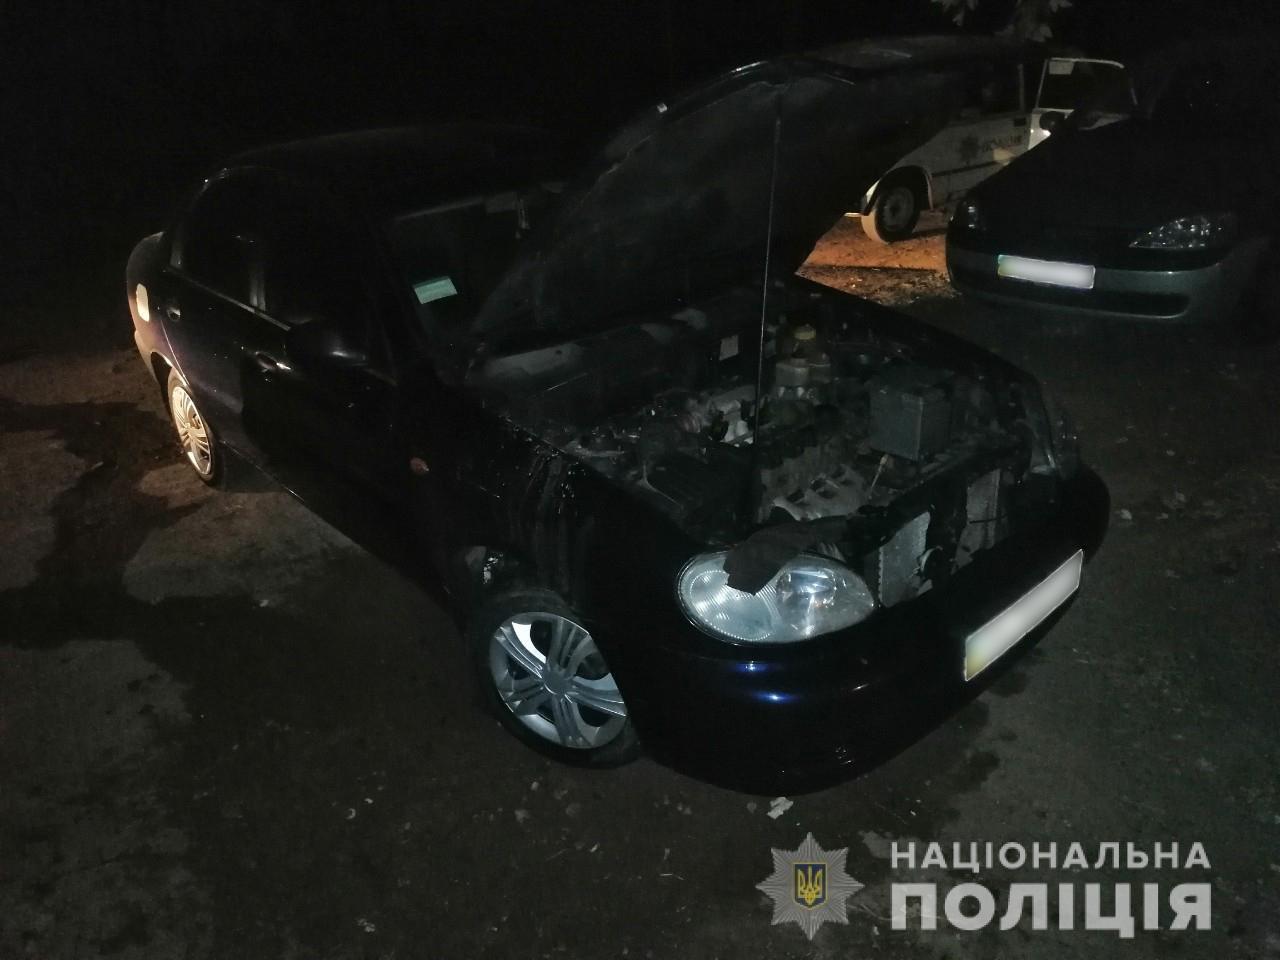 В центре Харькова загорелся автомобиль